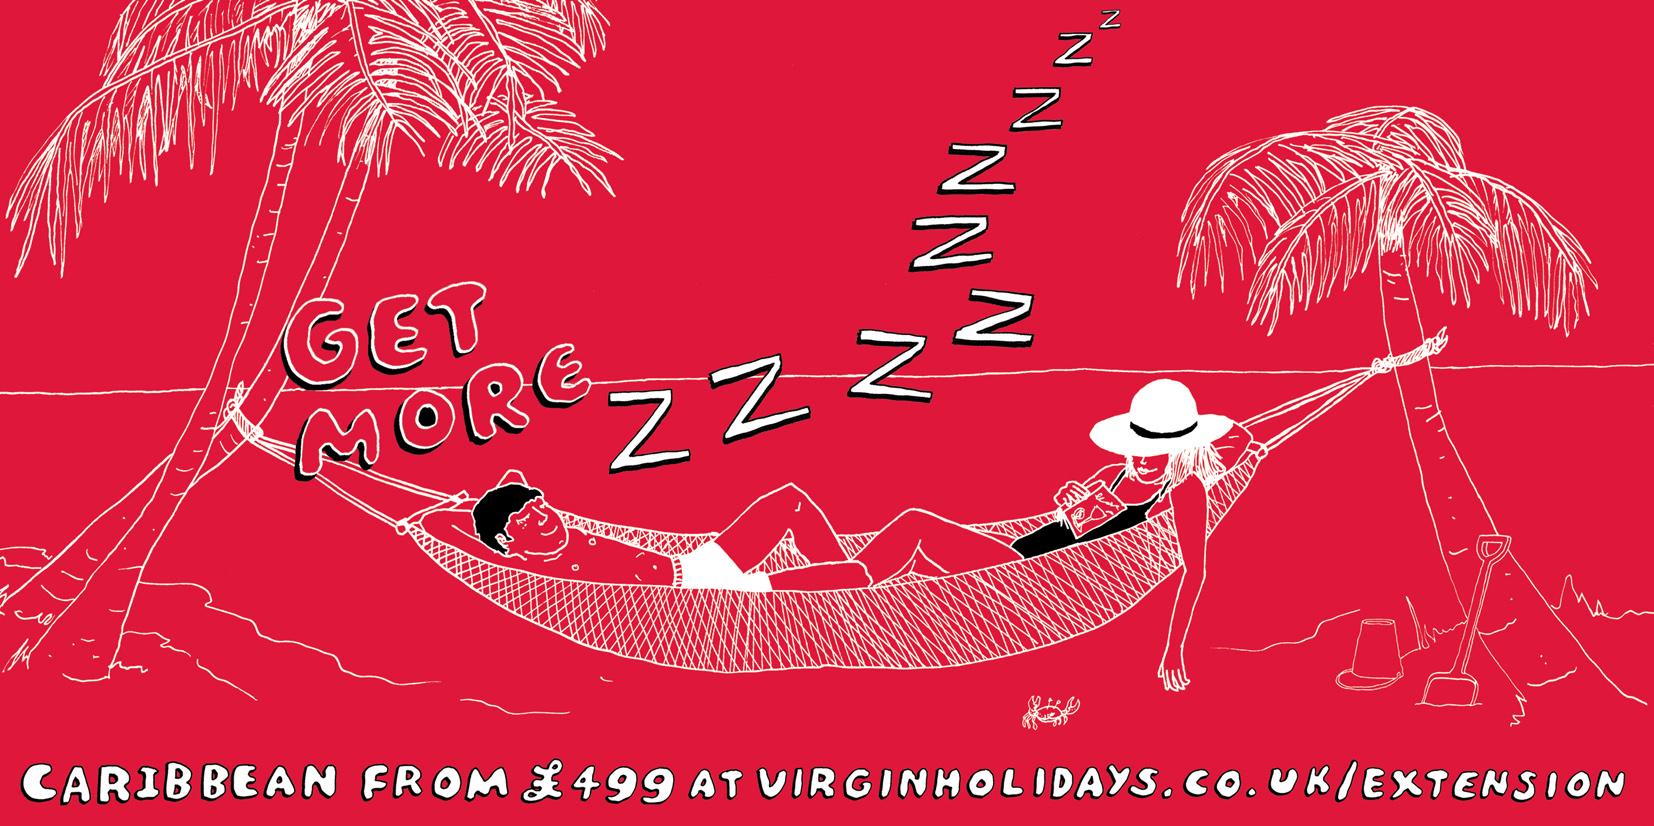 virgin holidays hammock